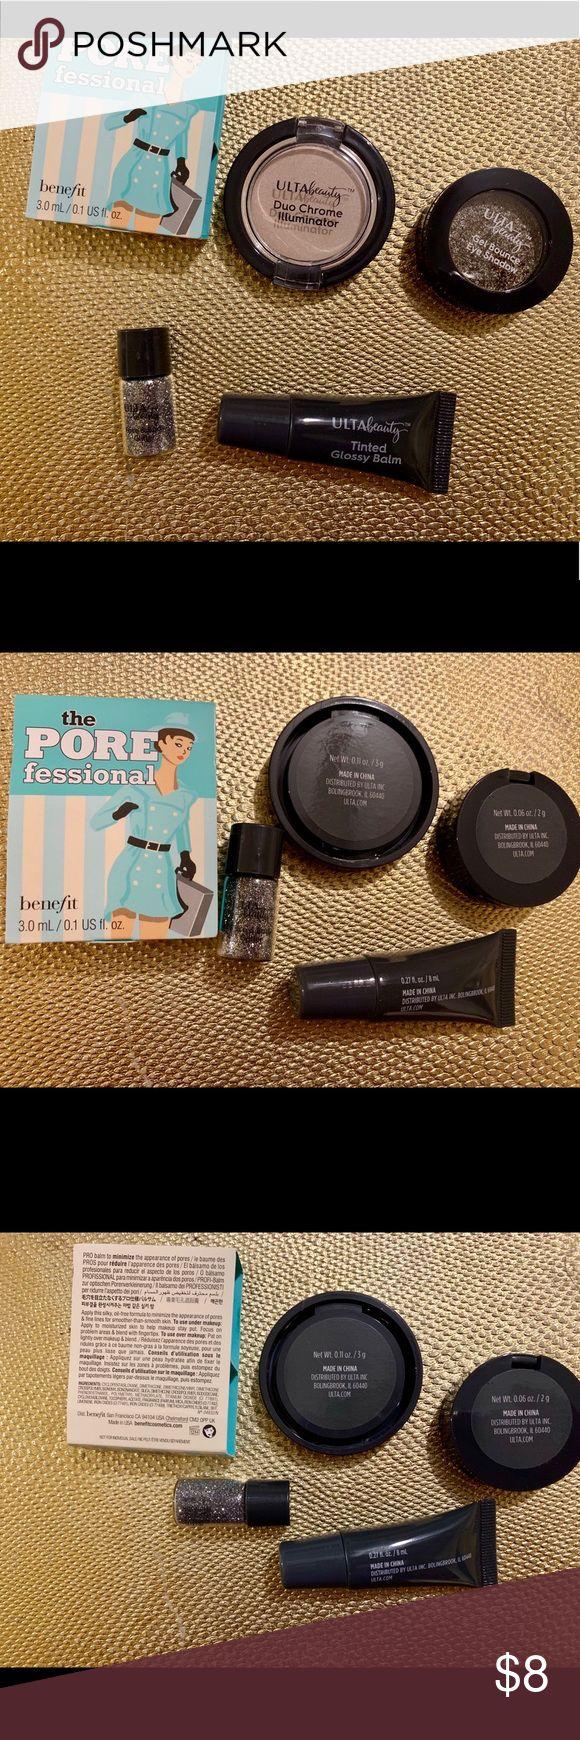 Ulta makeup bundle NWT Makeup bundles, Ulta makeup, Ulta